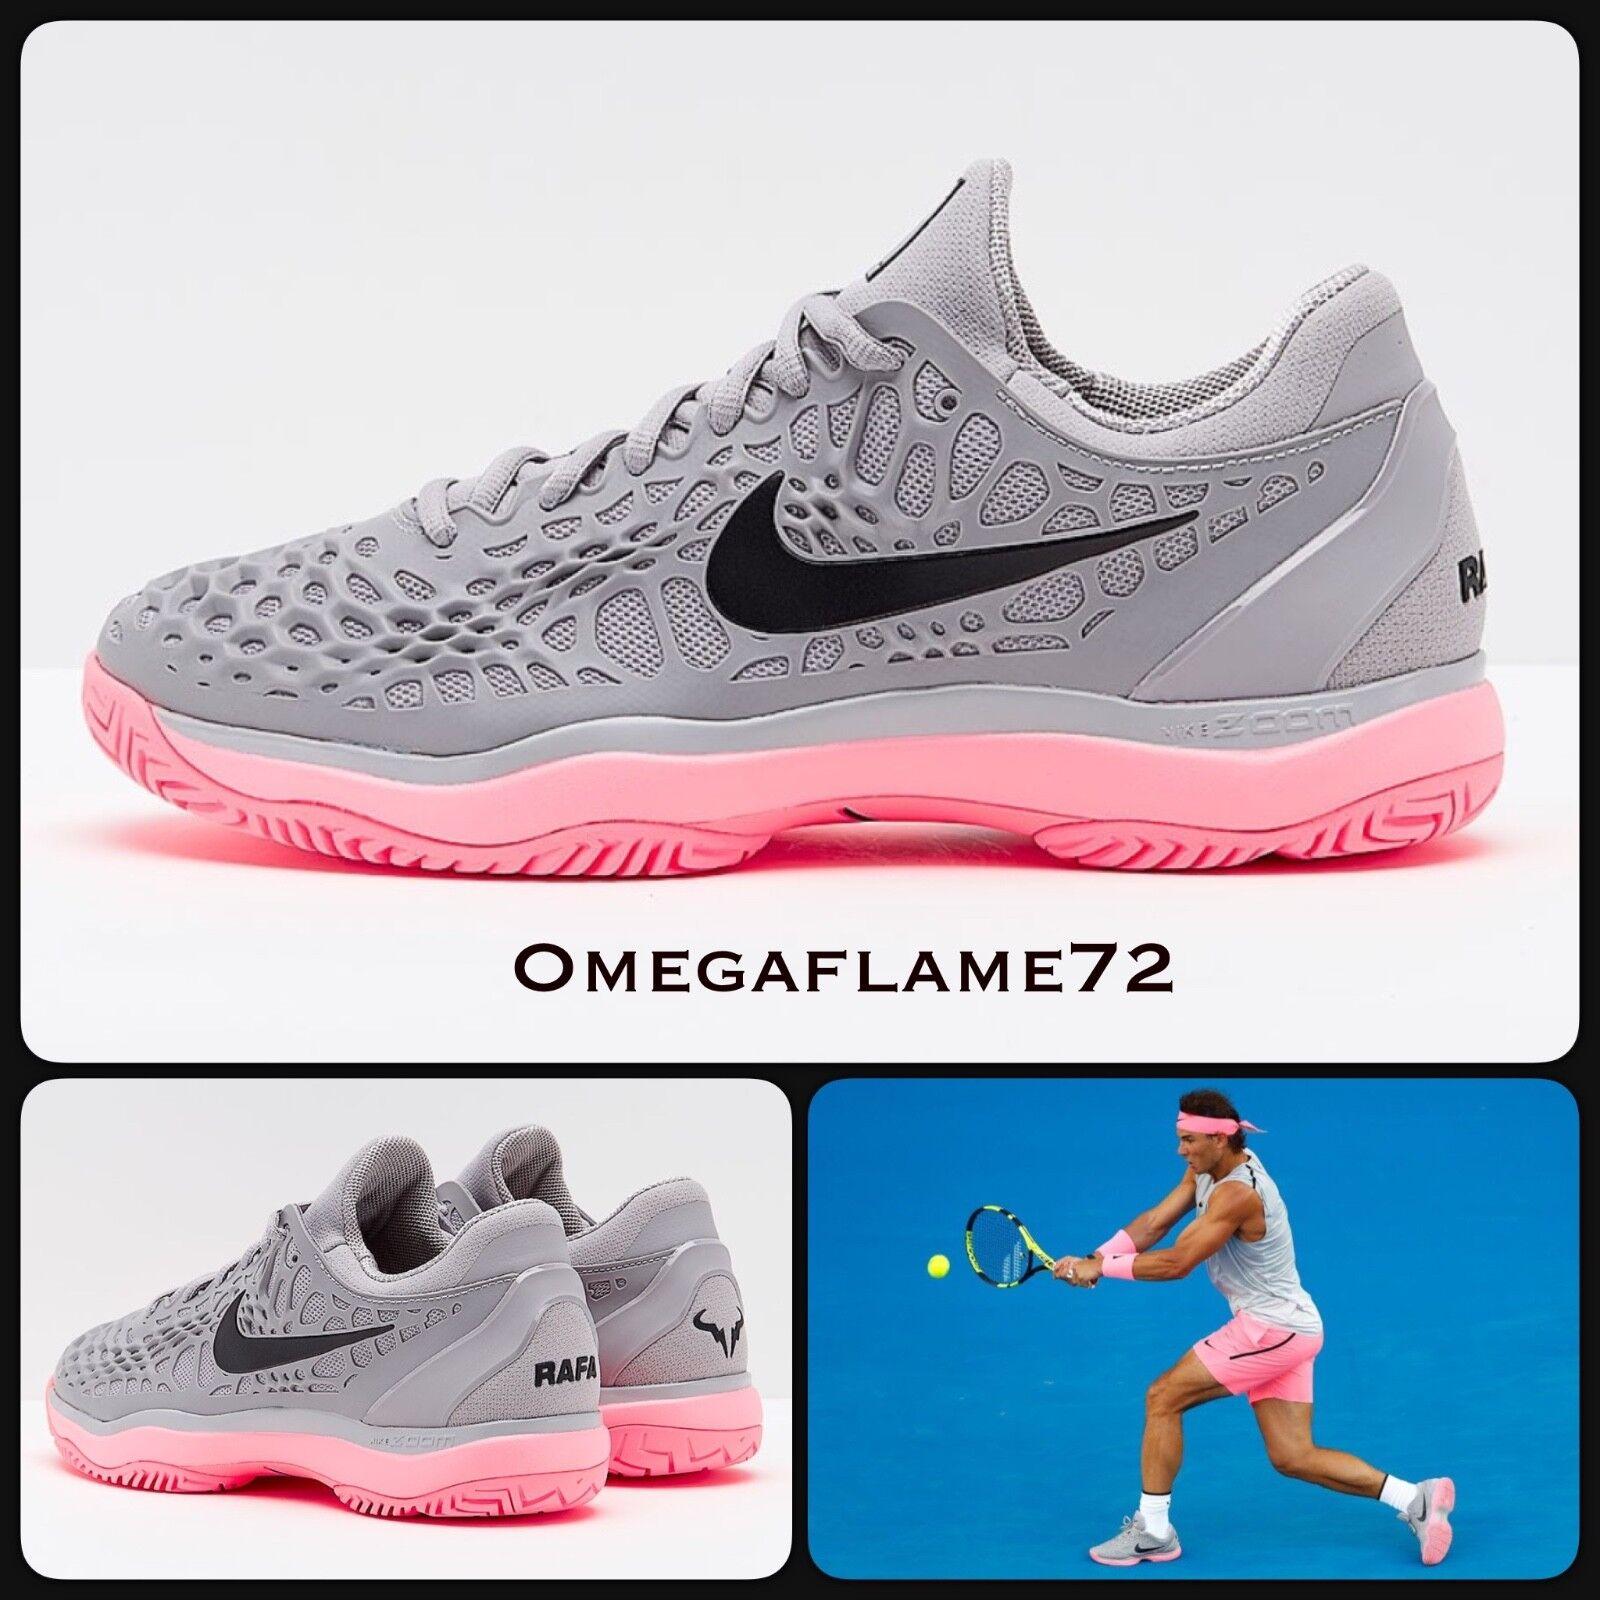 Nike Zoom Cage 3 Rafa Nadal Tennis chaussures,8.5, EU 43, US 9.5, 918192-013